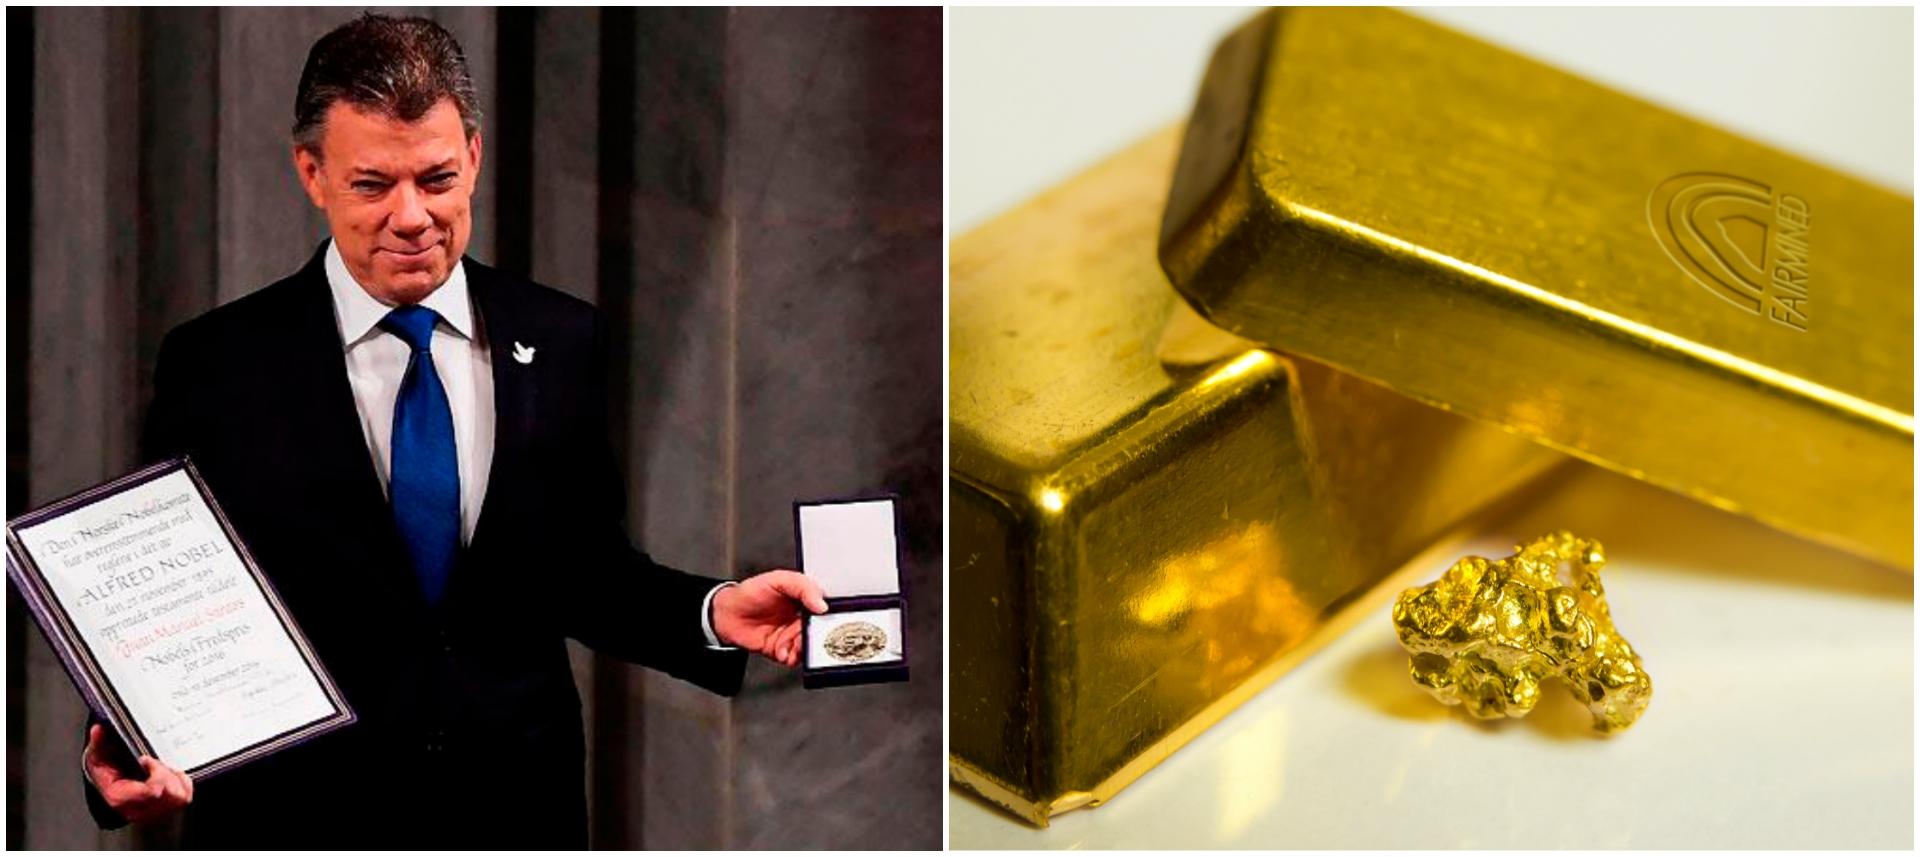 El oro colombiano Fairmined brilla en la entrega del nobel de paz